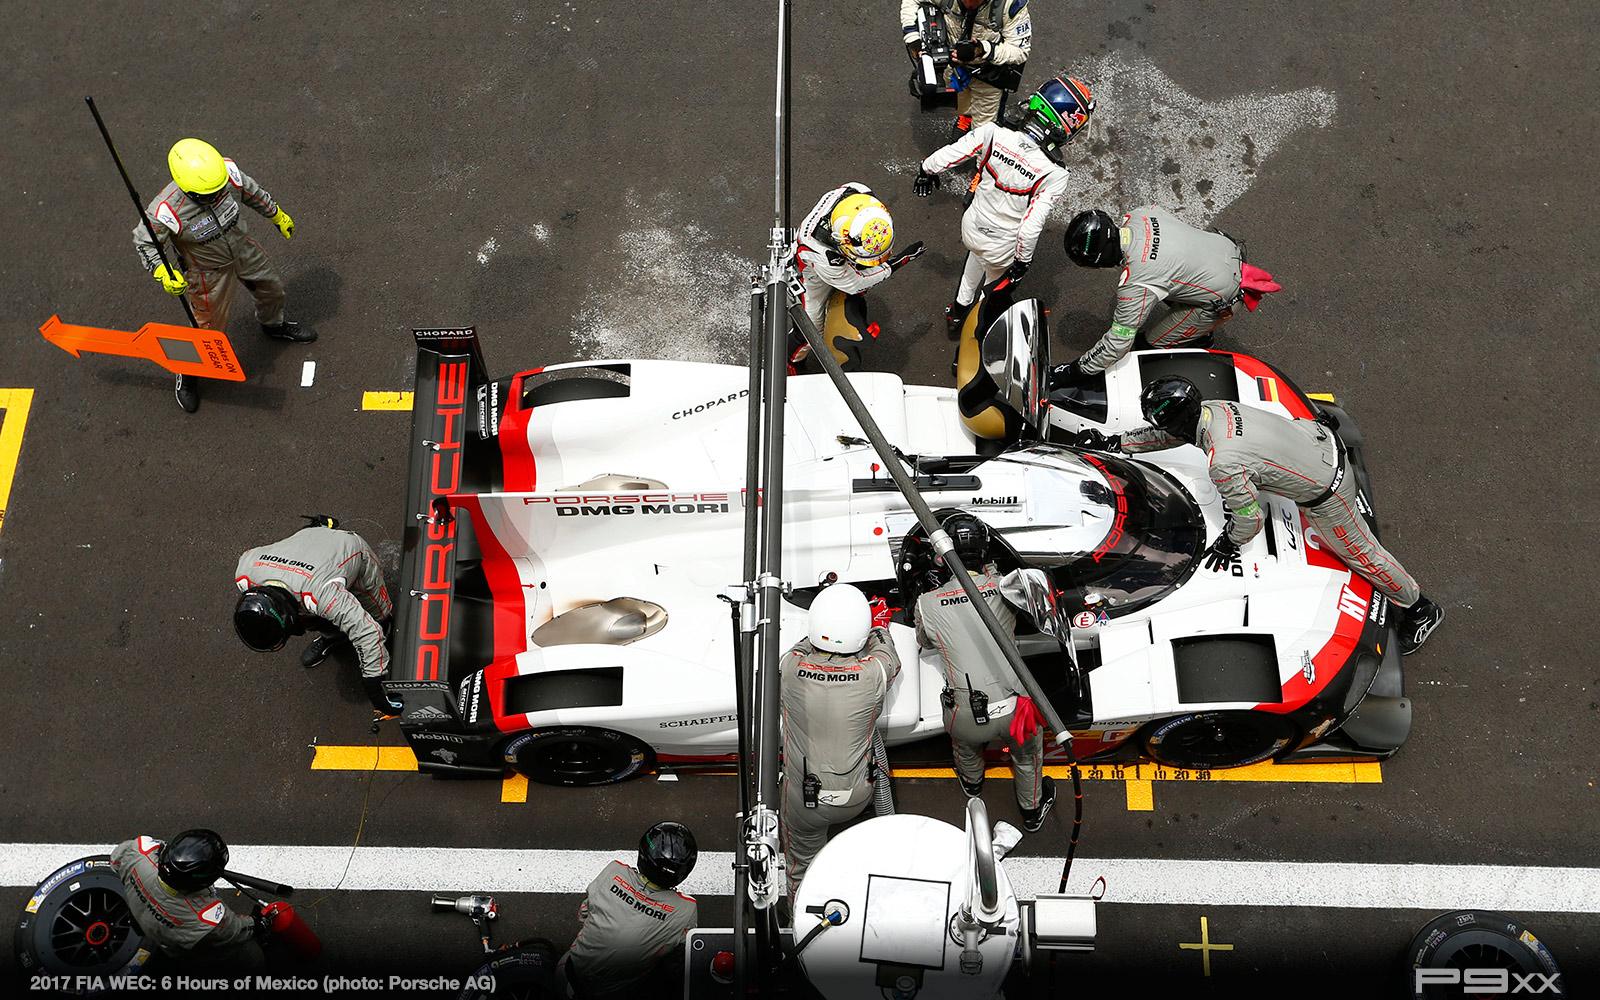 2017-FIA-WEC-6-HOURS-MEXICO-PORSCHE-1304